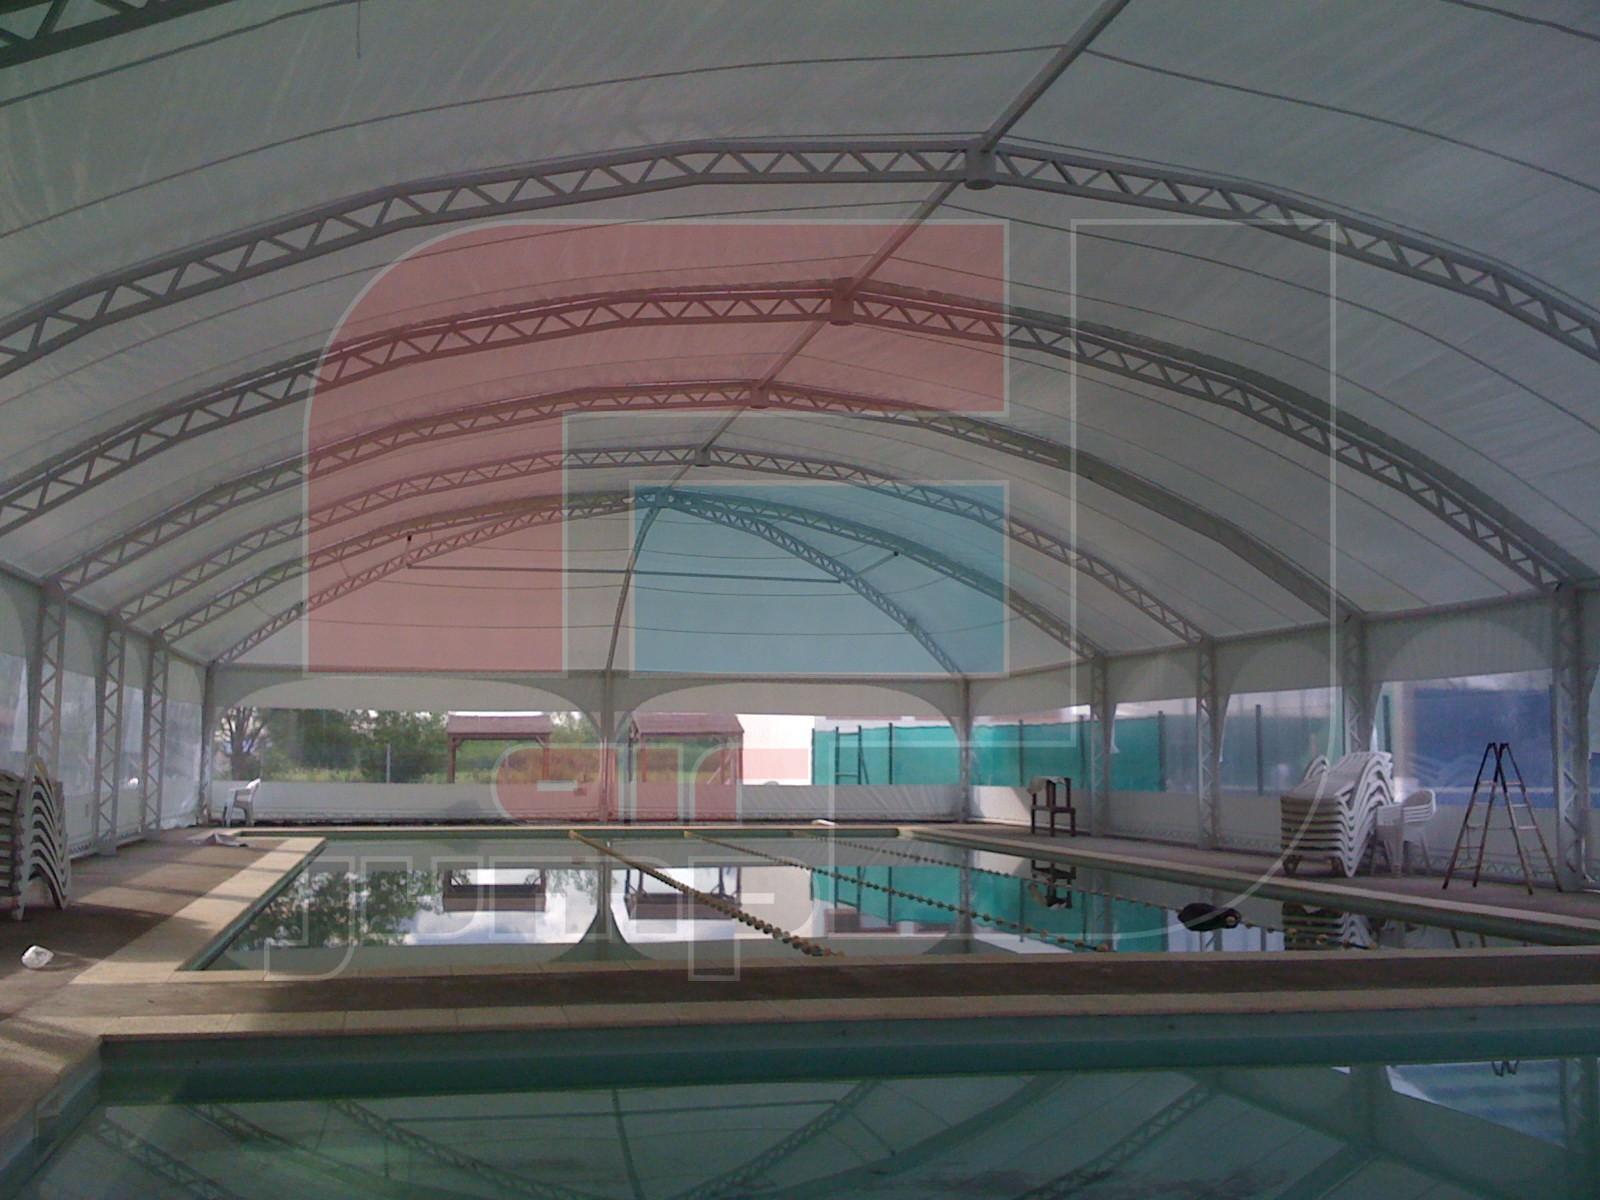 natatorio cañuelas 006